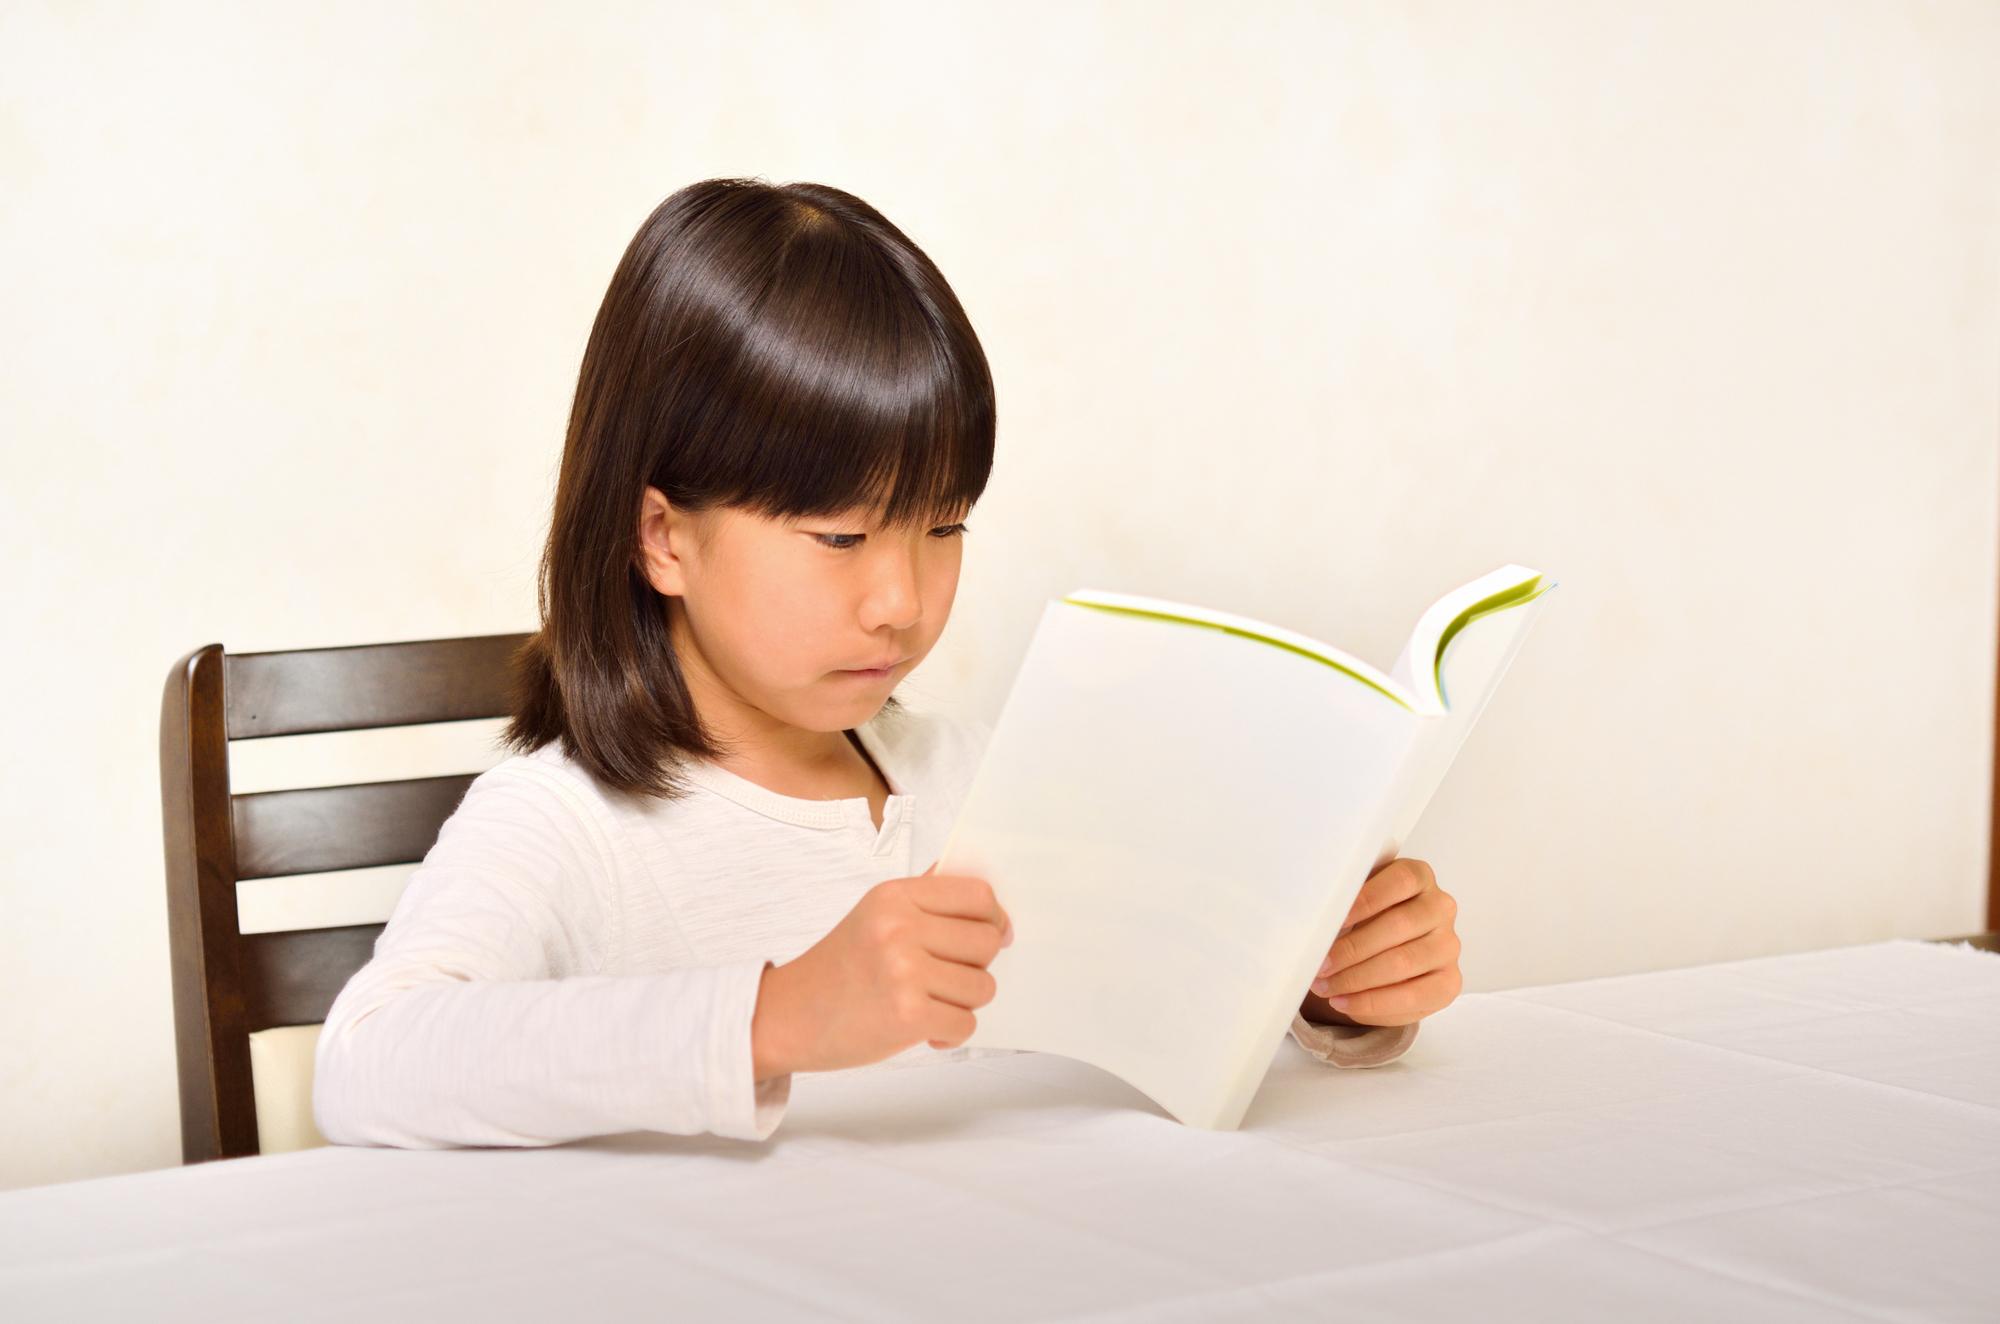 テーブルで本を読む白い服の女の子